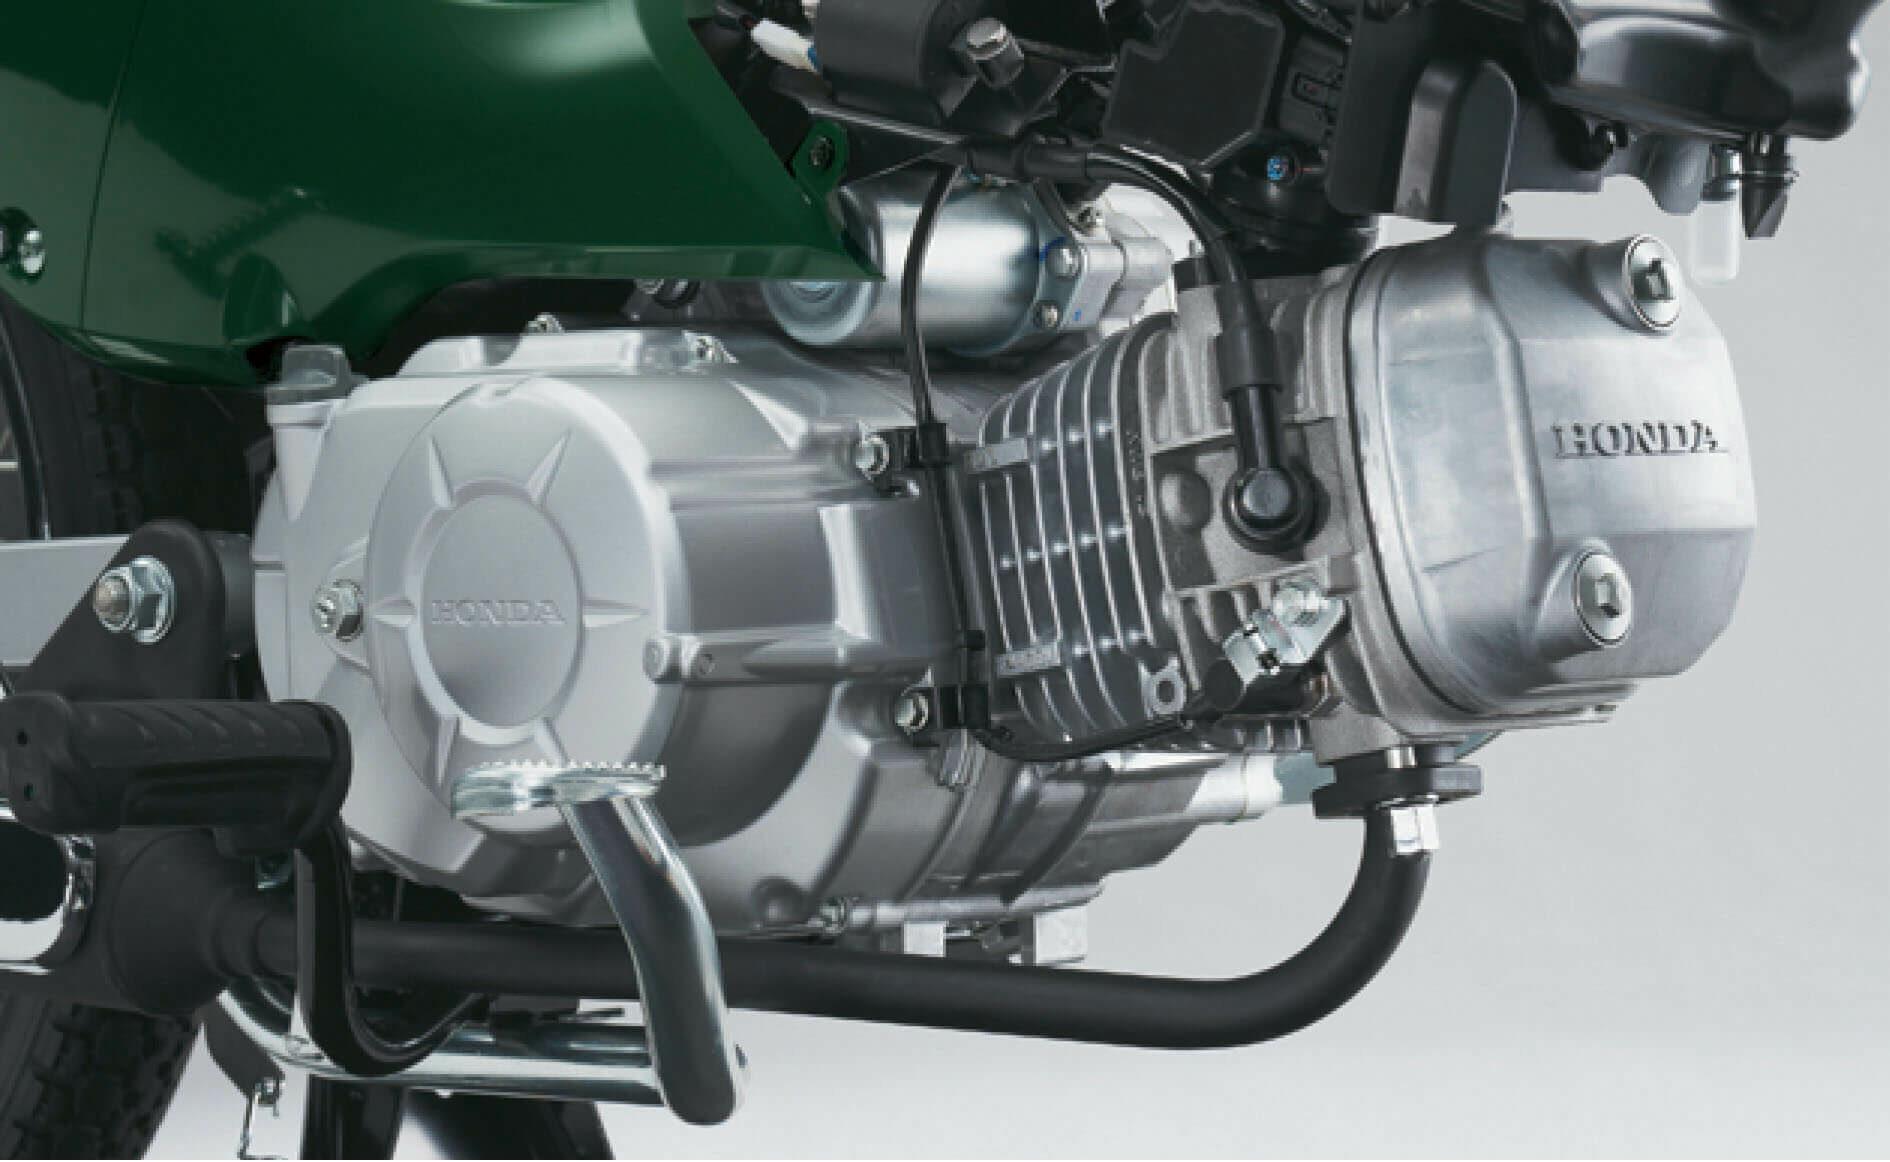 ホンダ スーパーカブ110 空冷4ストロークOHC単気筒エンジン